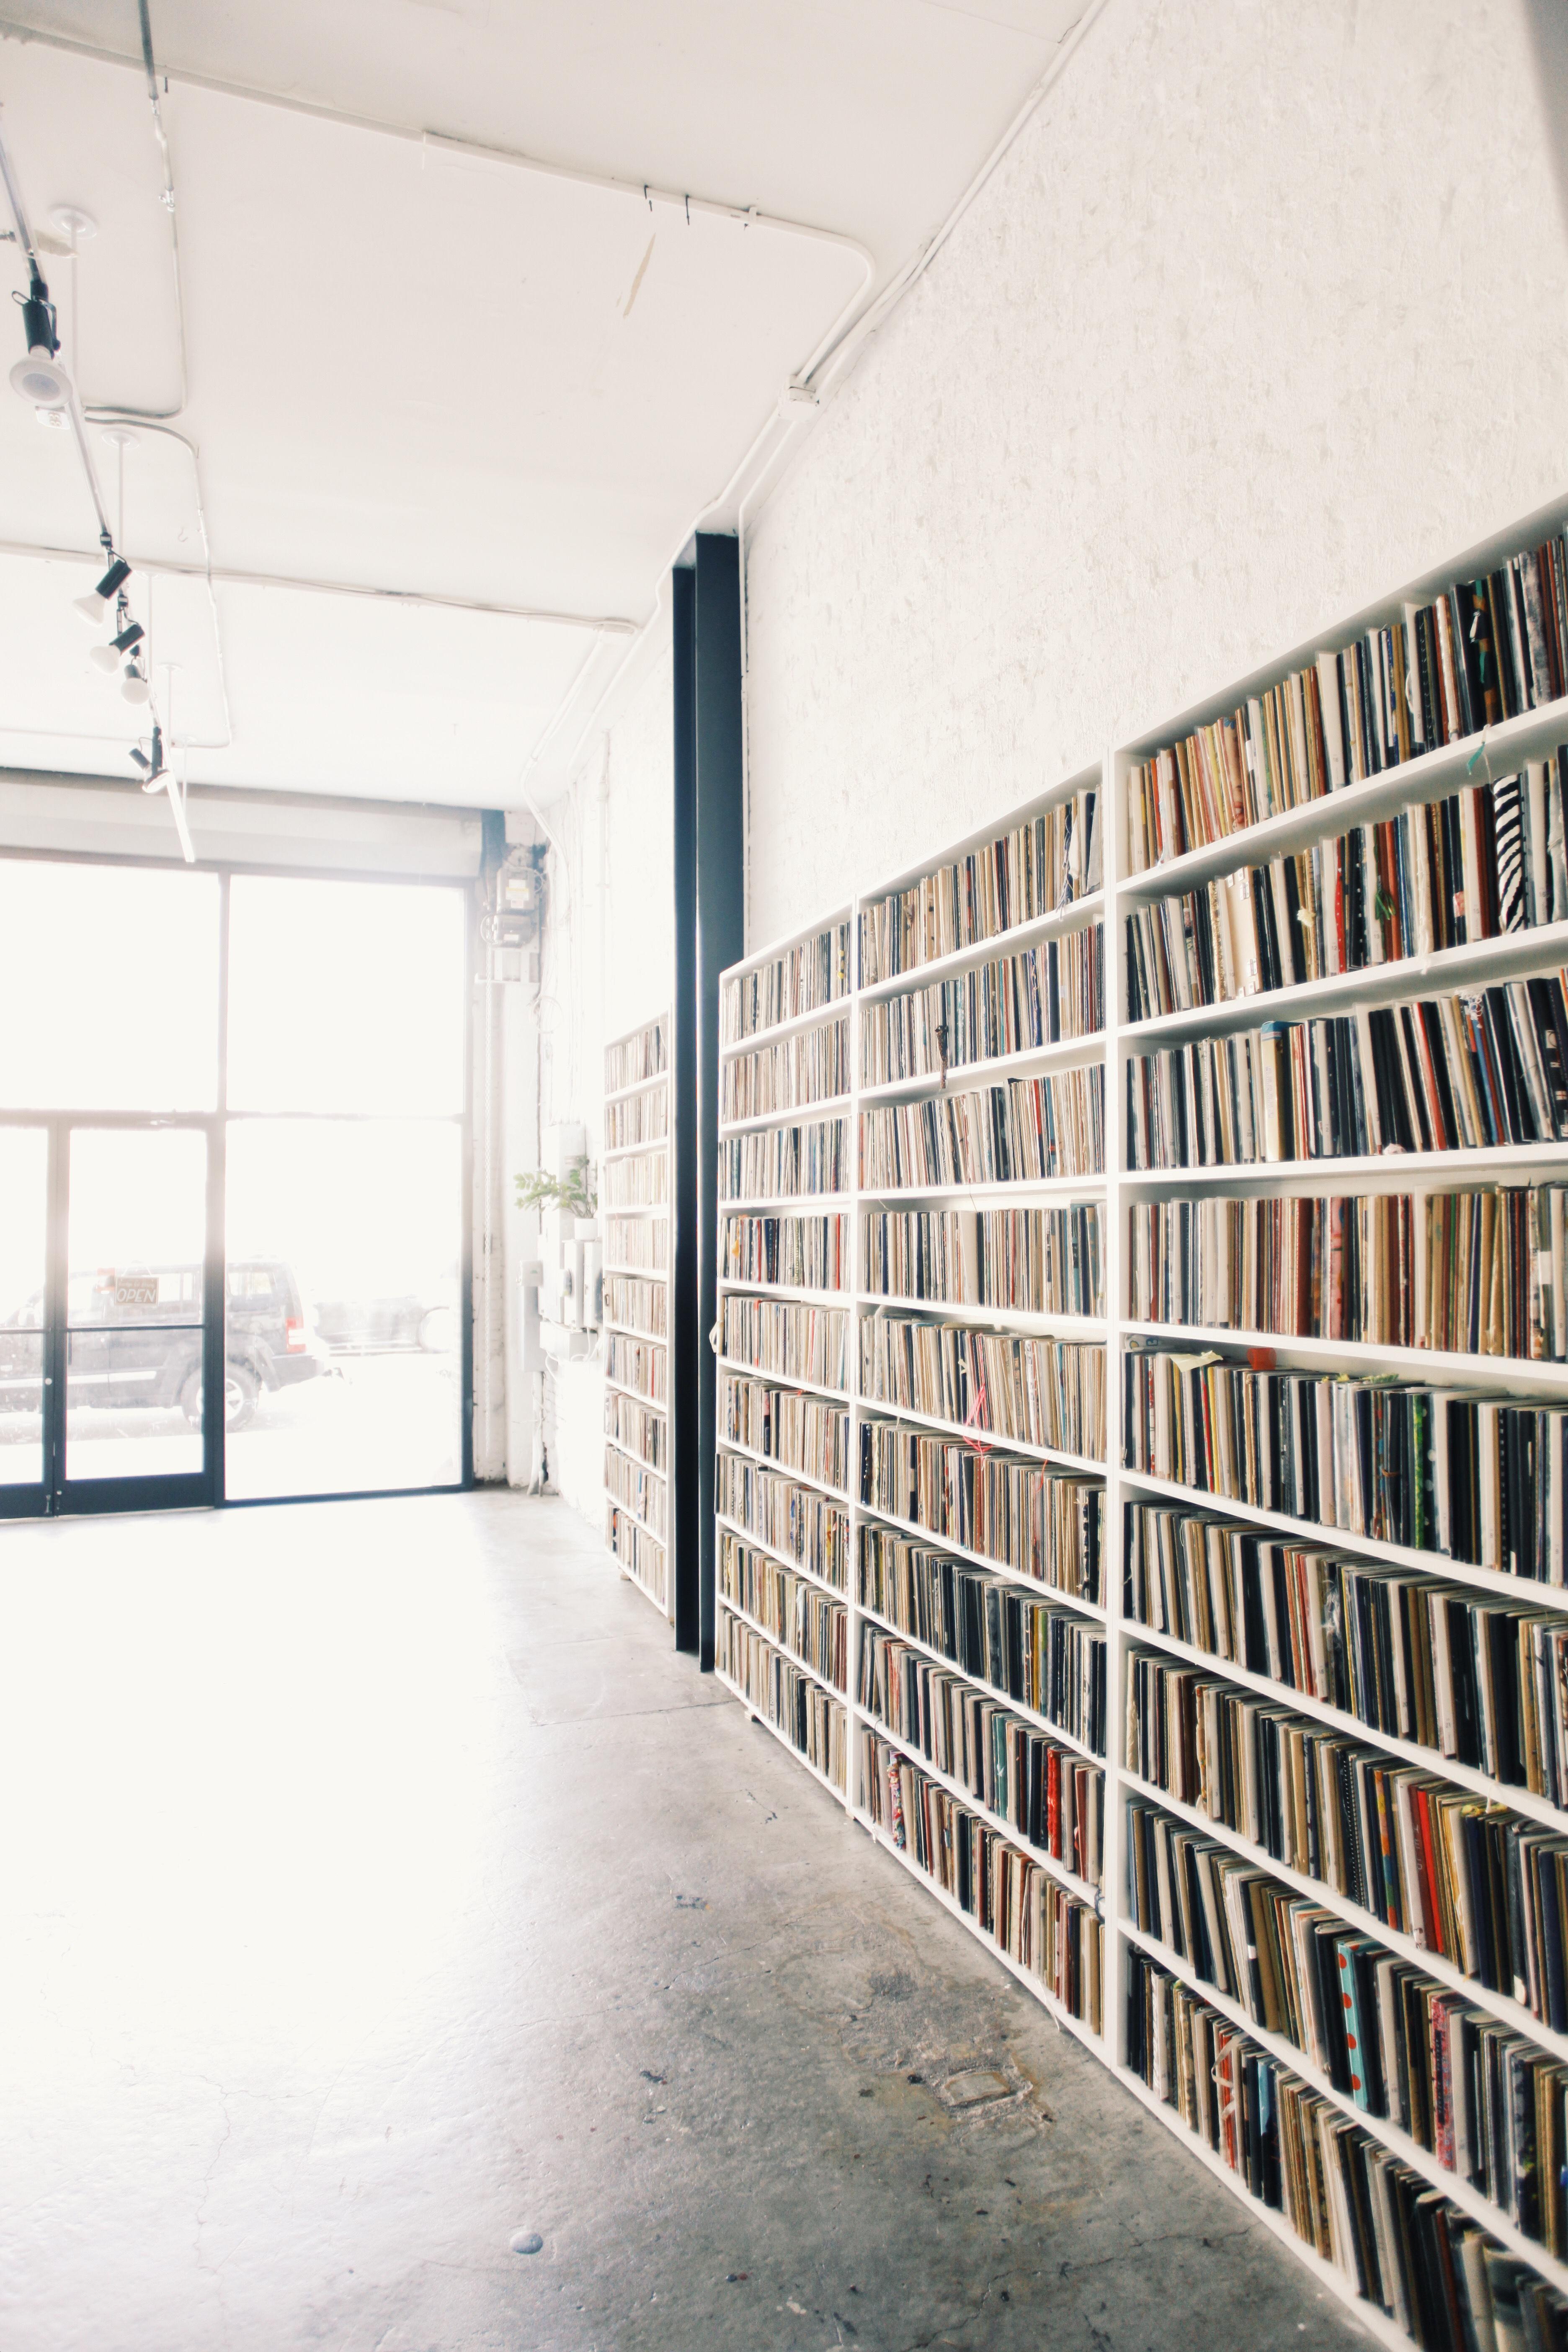 Brooklyn art library l